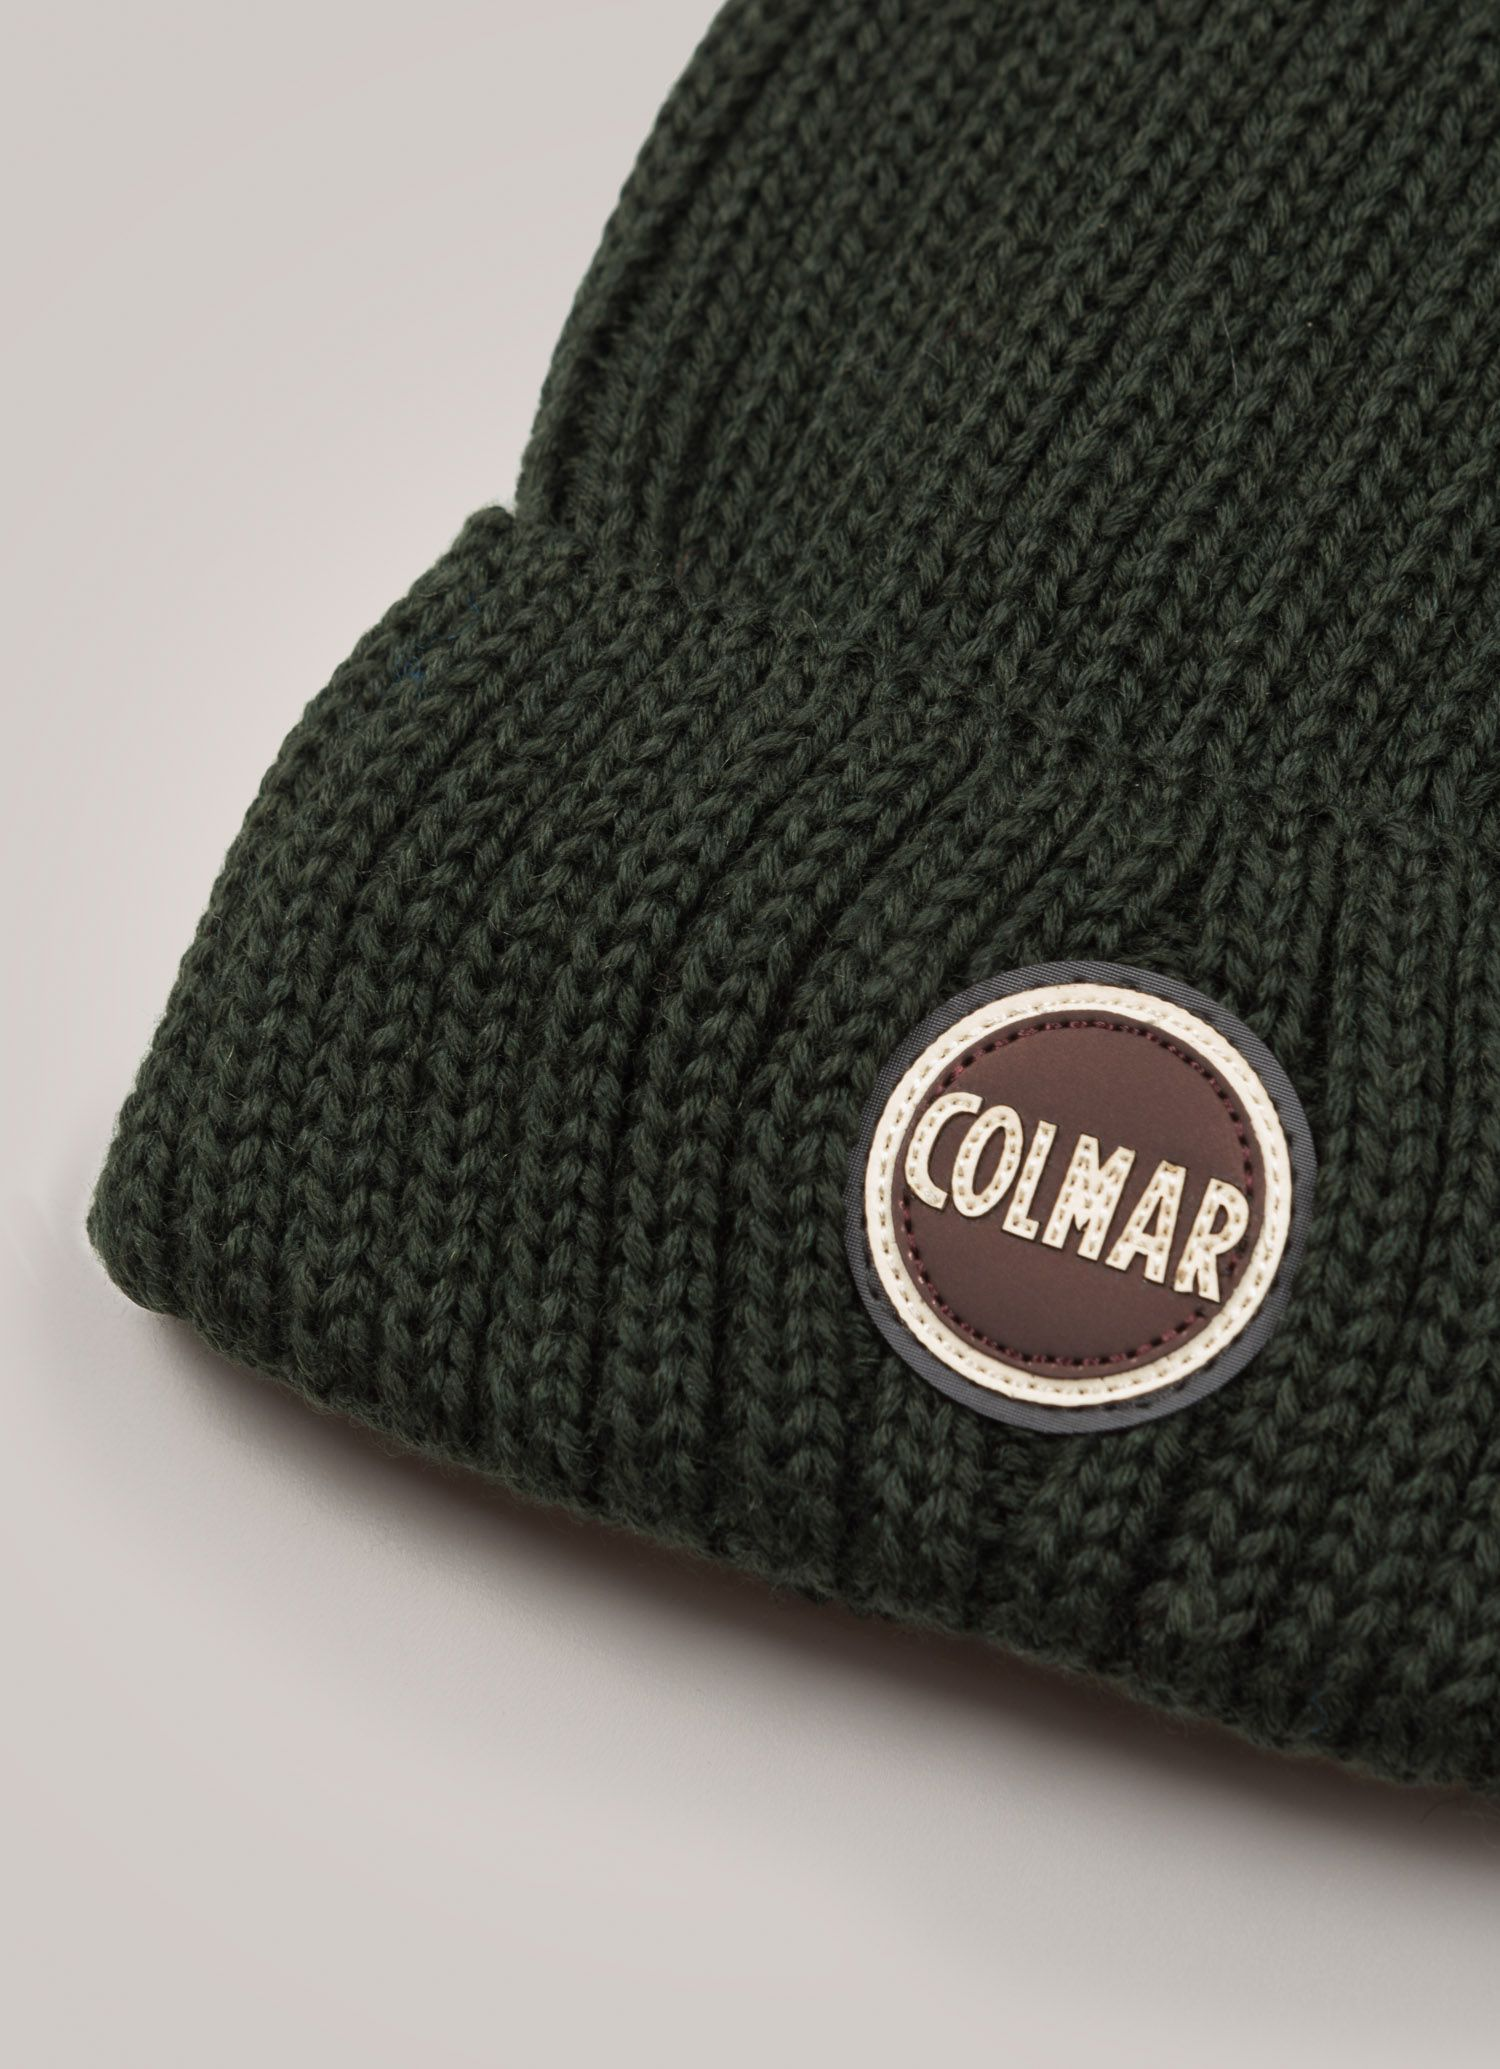 COLMAR      5096 3QL334